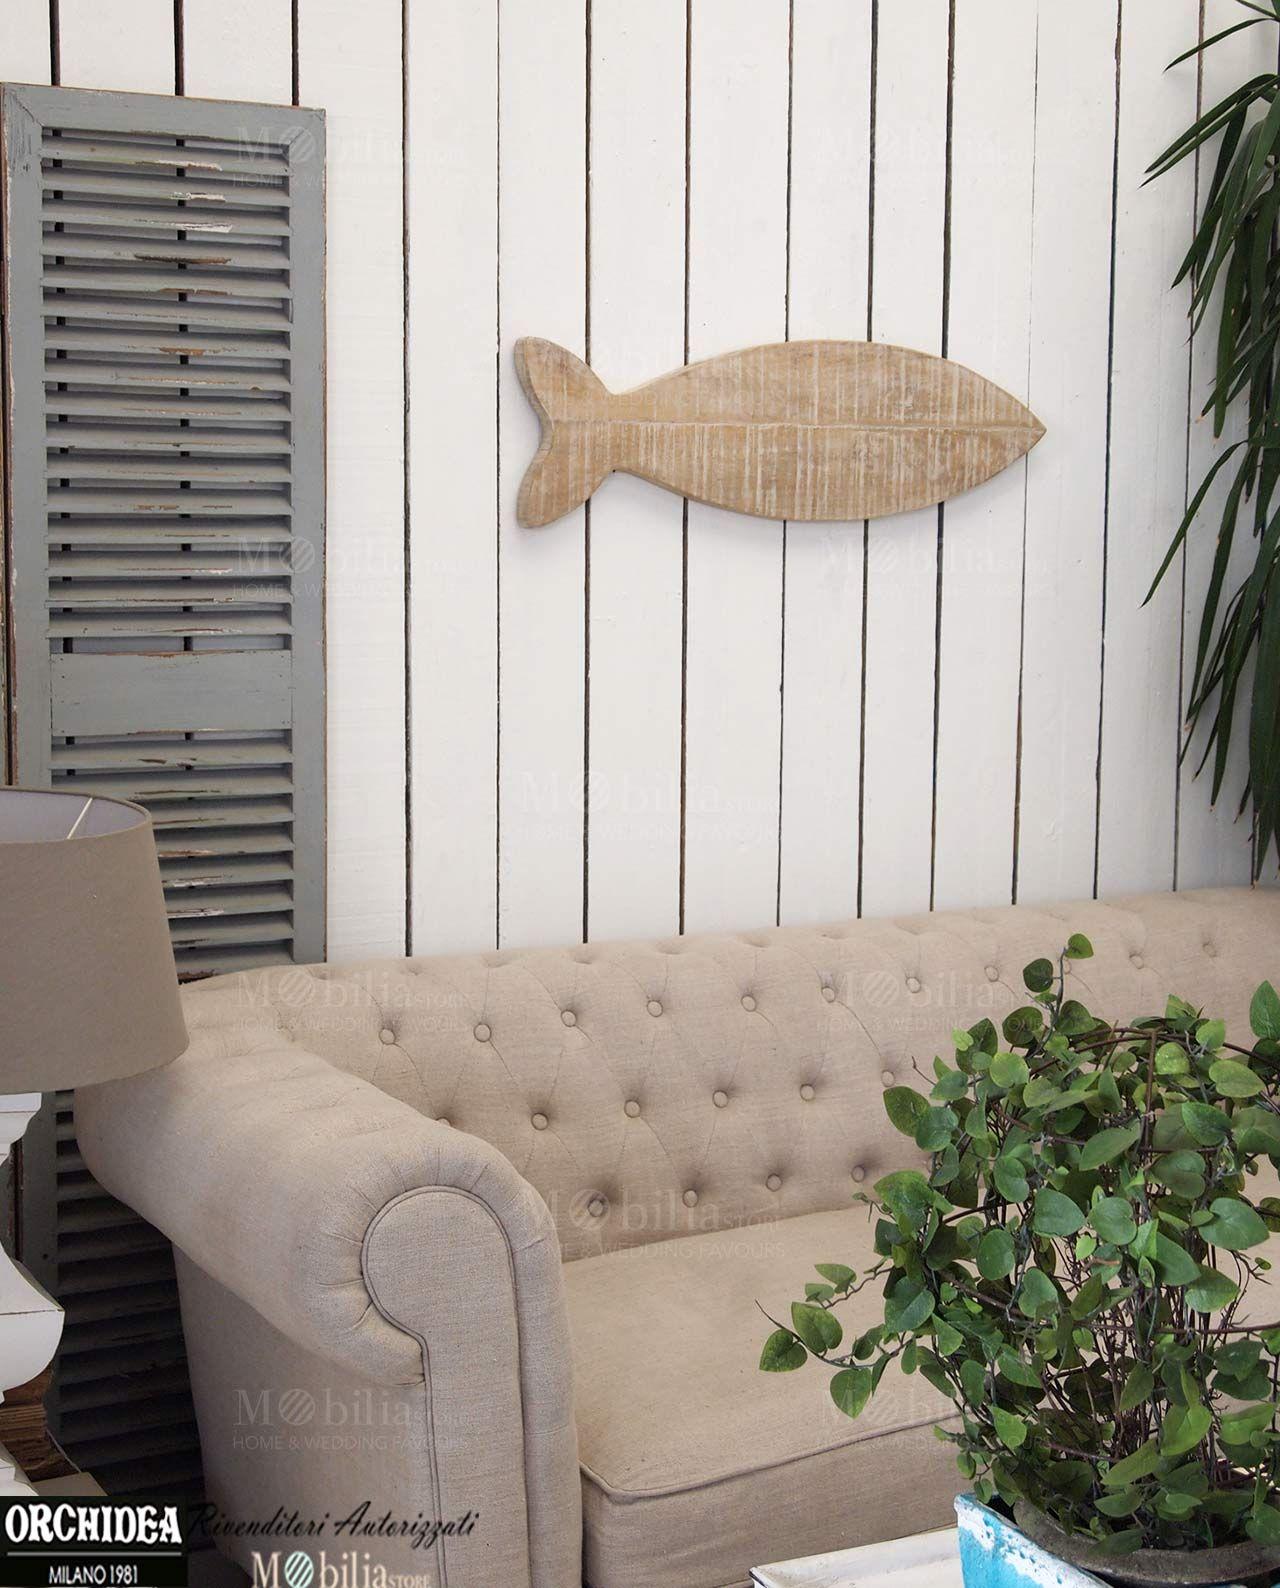 Pannelli Decorativi da Parete realizzati in legno massello di mango, perfetti per arredare la tua casa in Stile Marinaro. Scopri le eccezionali promo su Mobilia Store